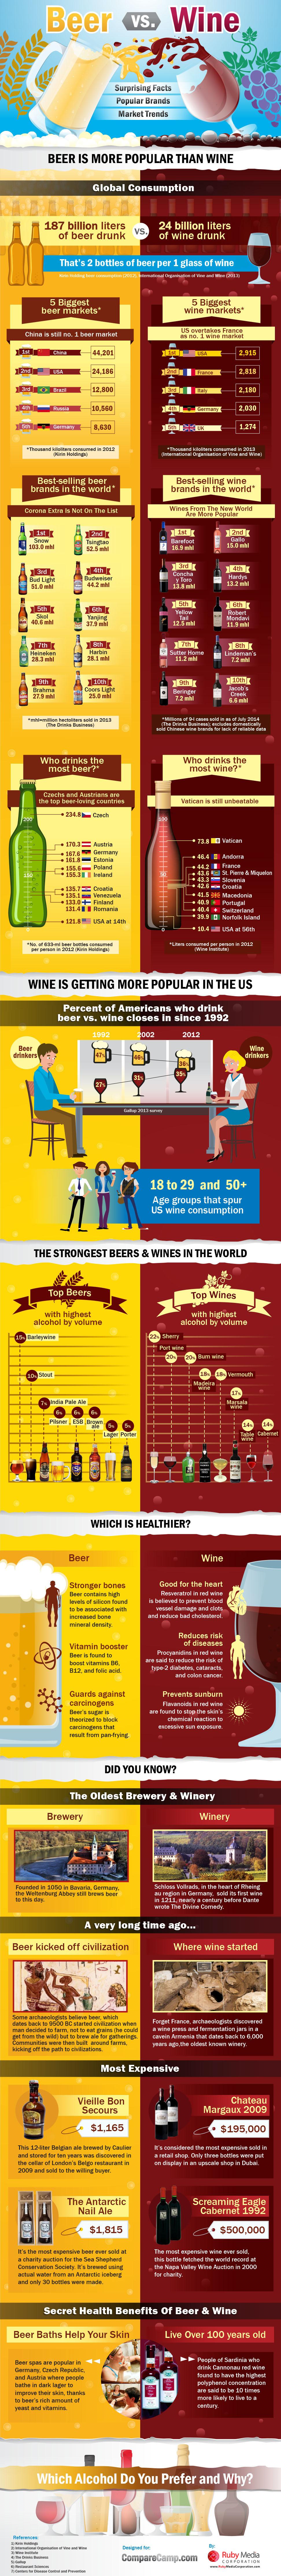 Beer vs. Wine_Infographic_Finale